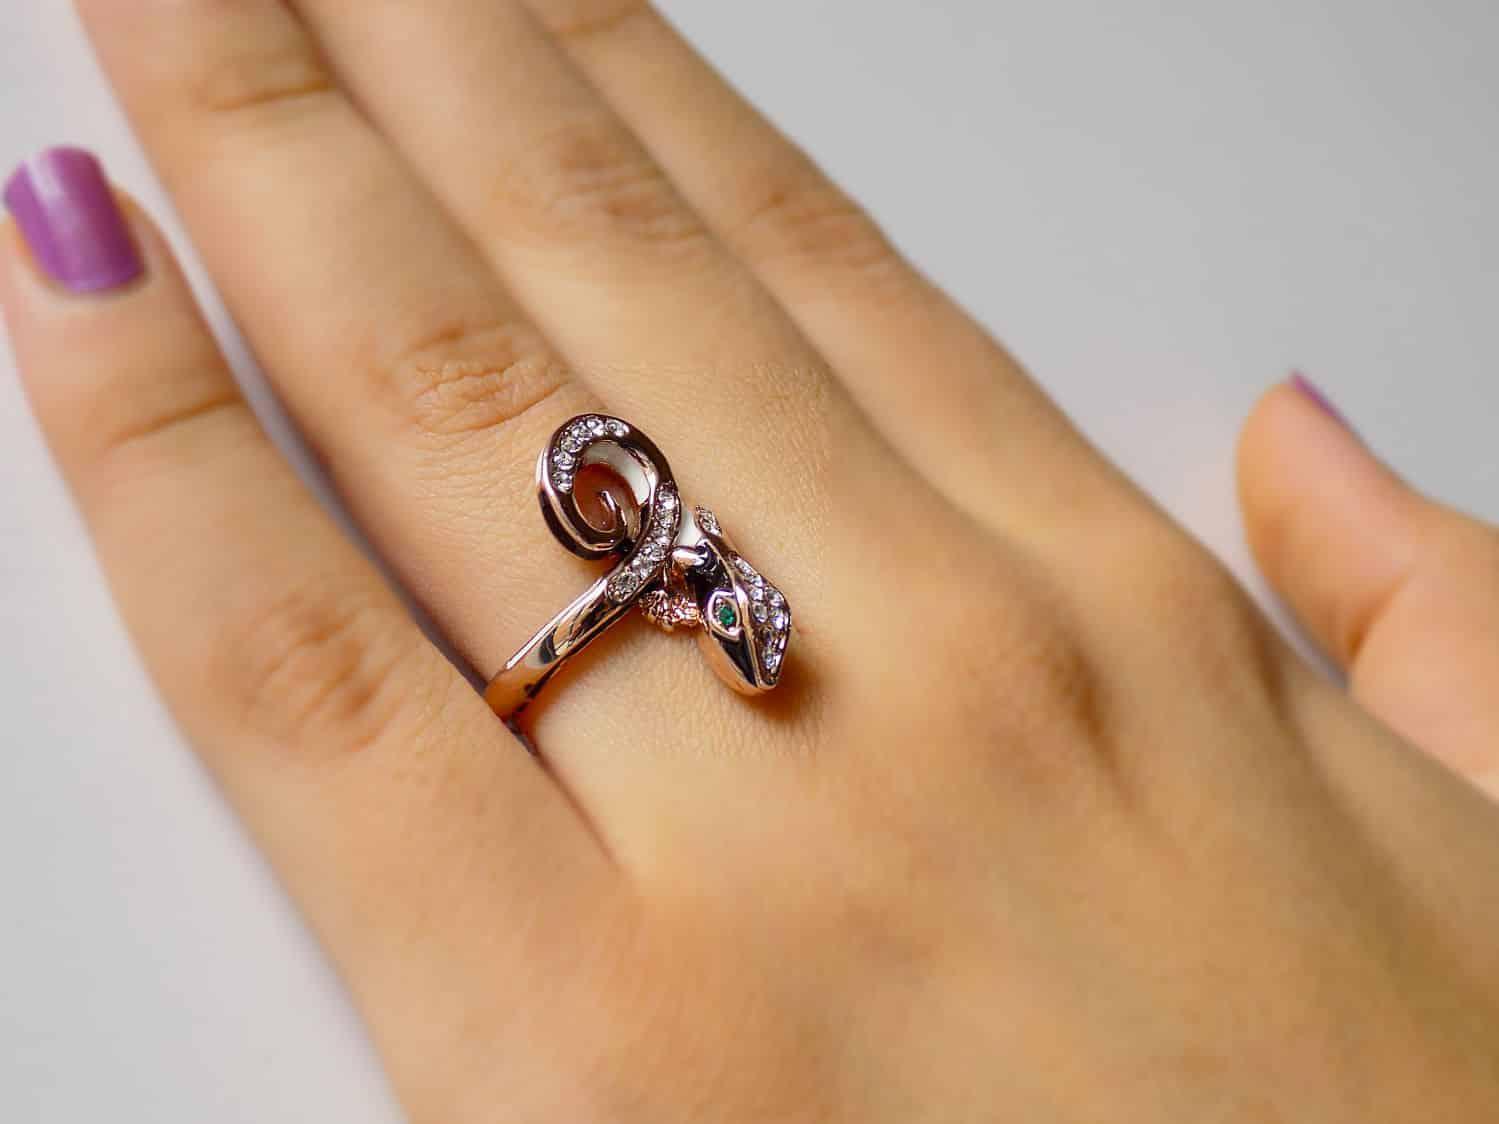 انگشتر دخترانه رزگلد طرح حیوانات با نگین های سفید و سبز سواروسکی rg-n160 از نمای بالا